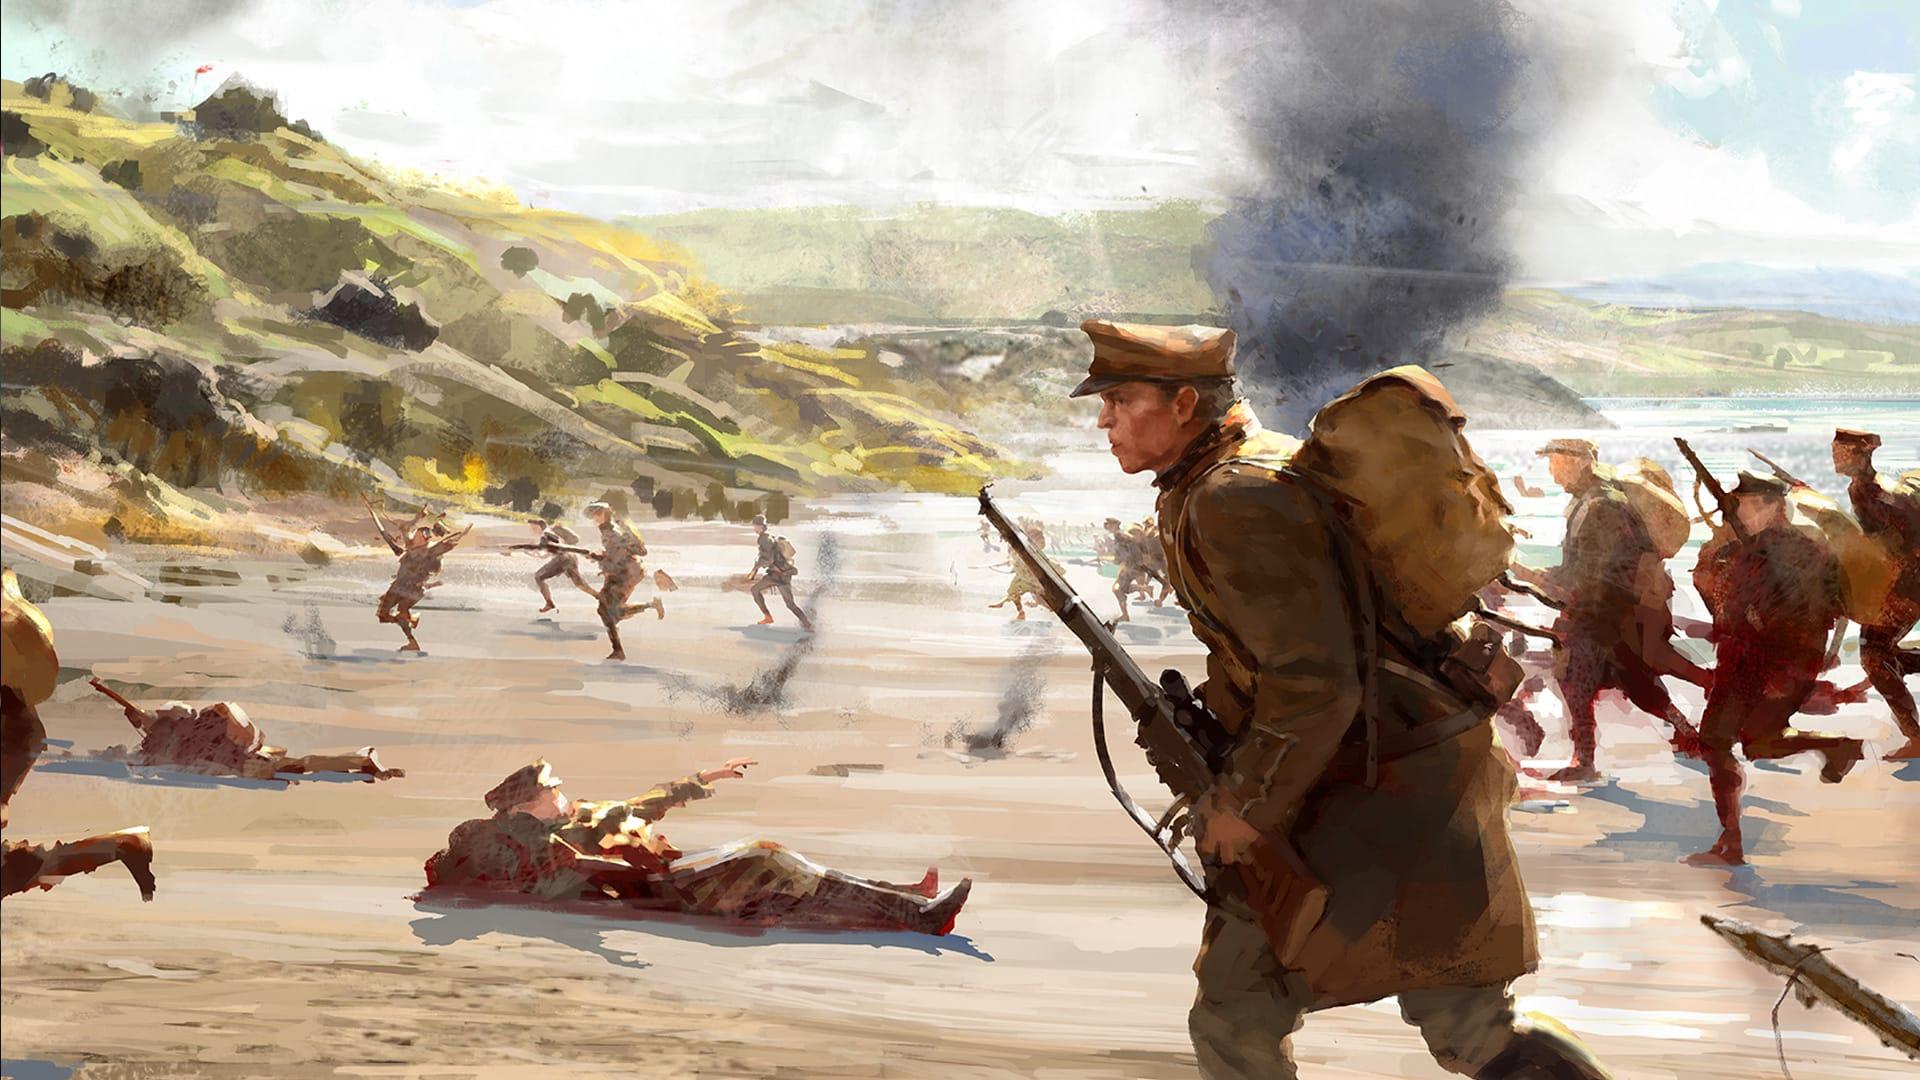 Battlefield 1 official reveal trailer 2016 world war 1 - 5 8